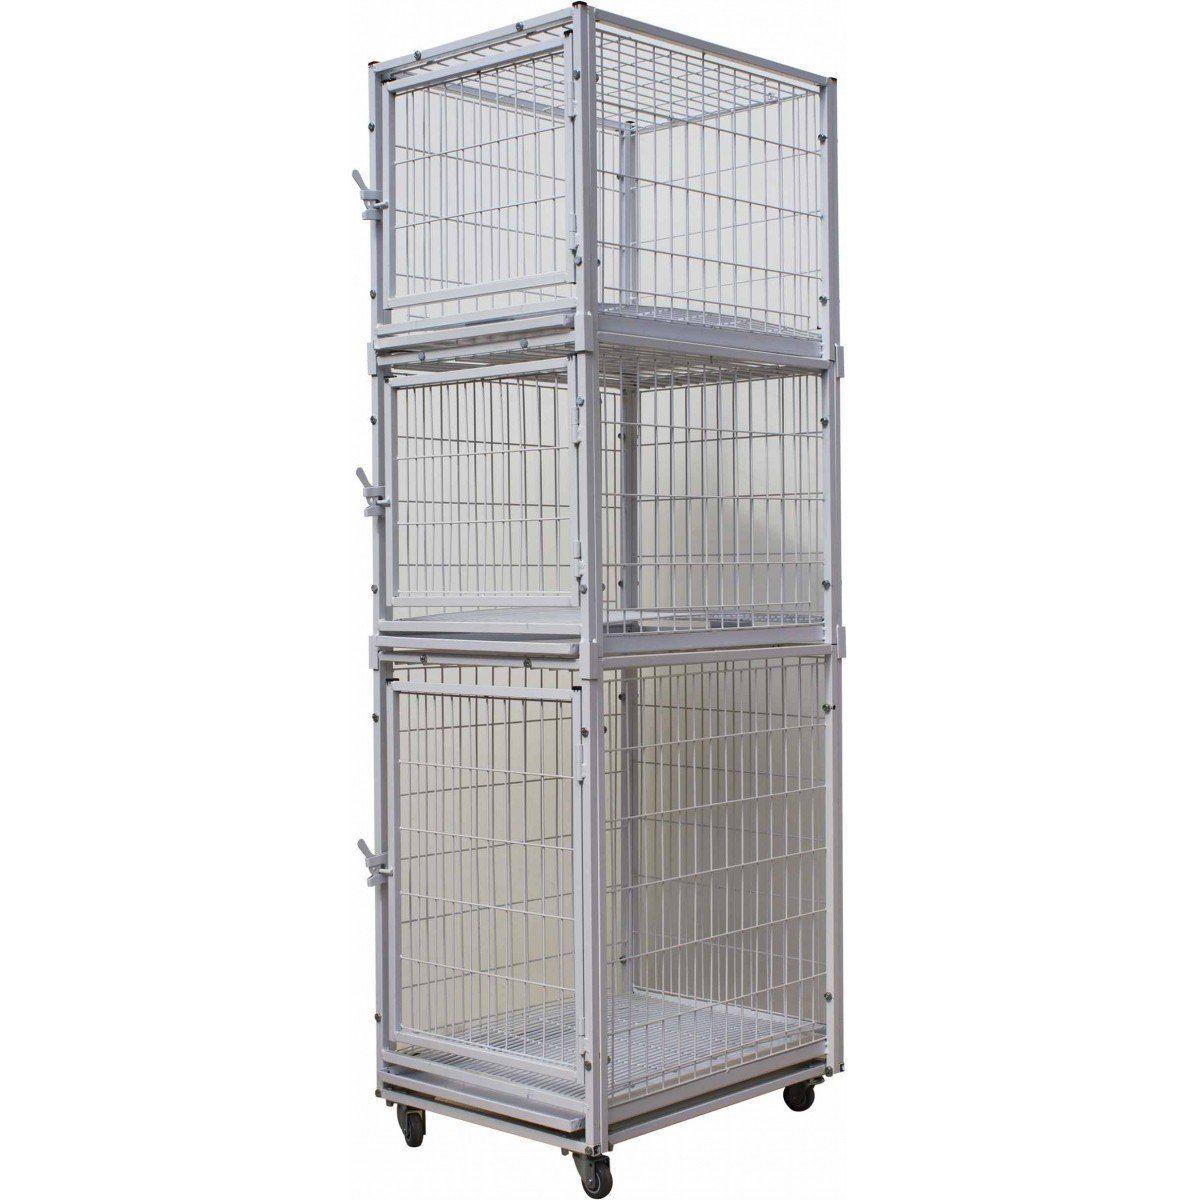 Gaiola canil Cães E Gatos 3 lugares modular- Branca